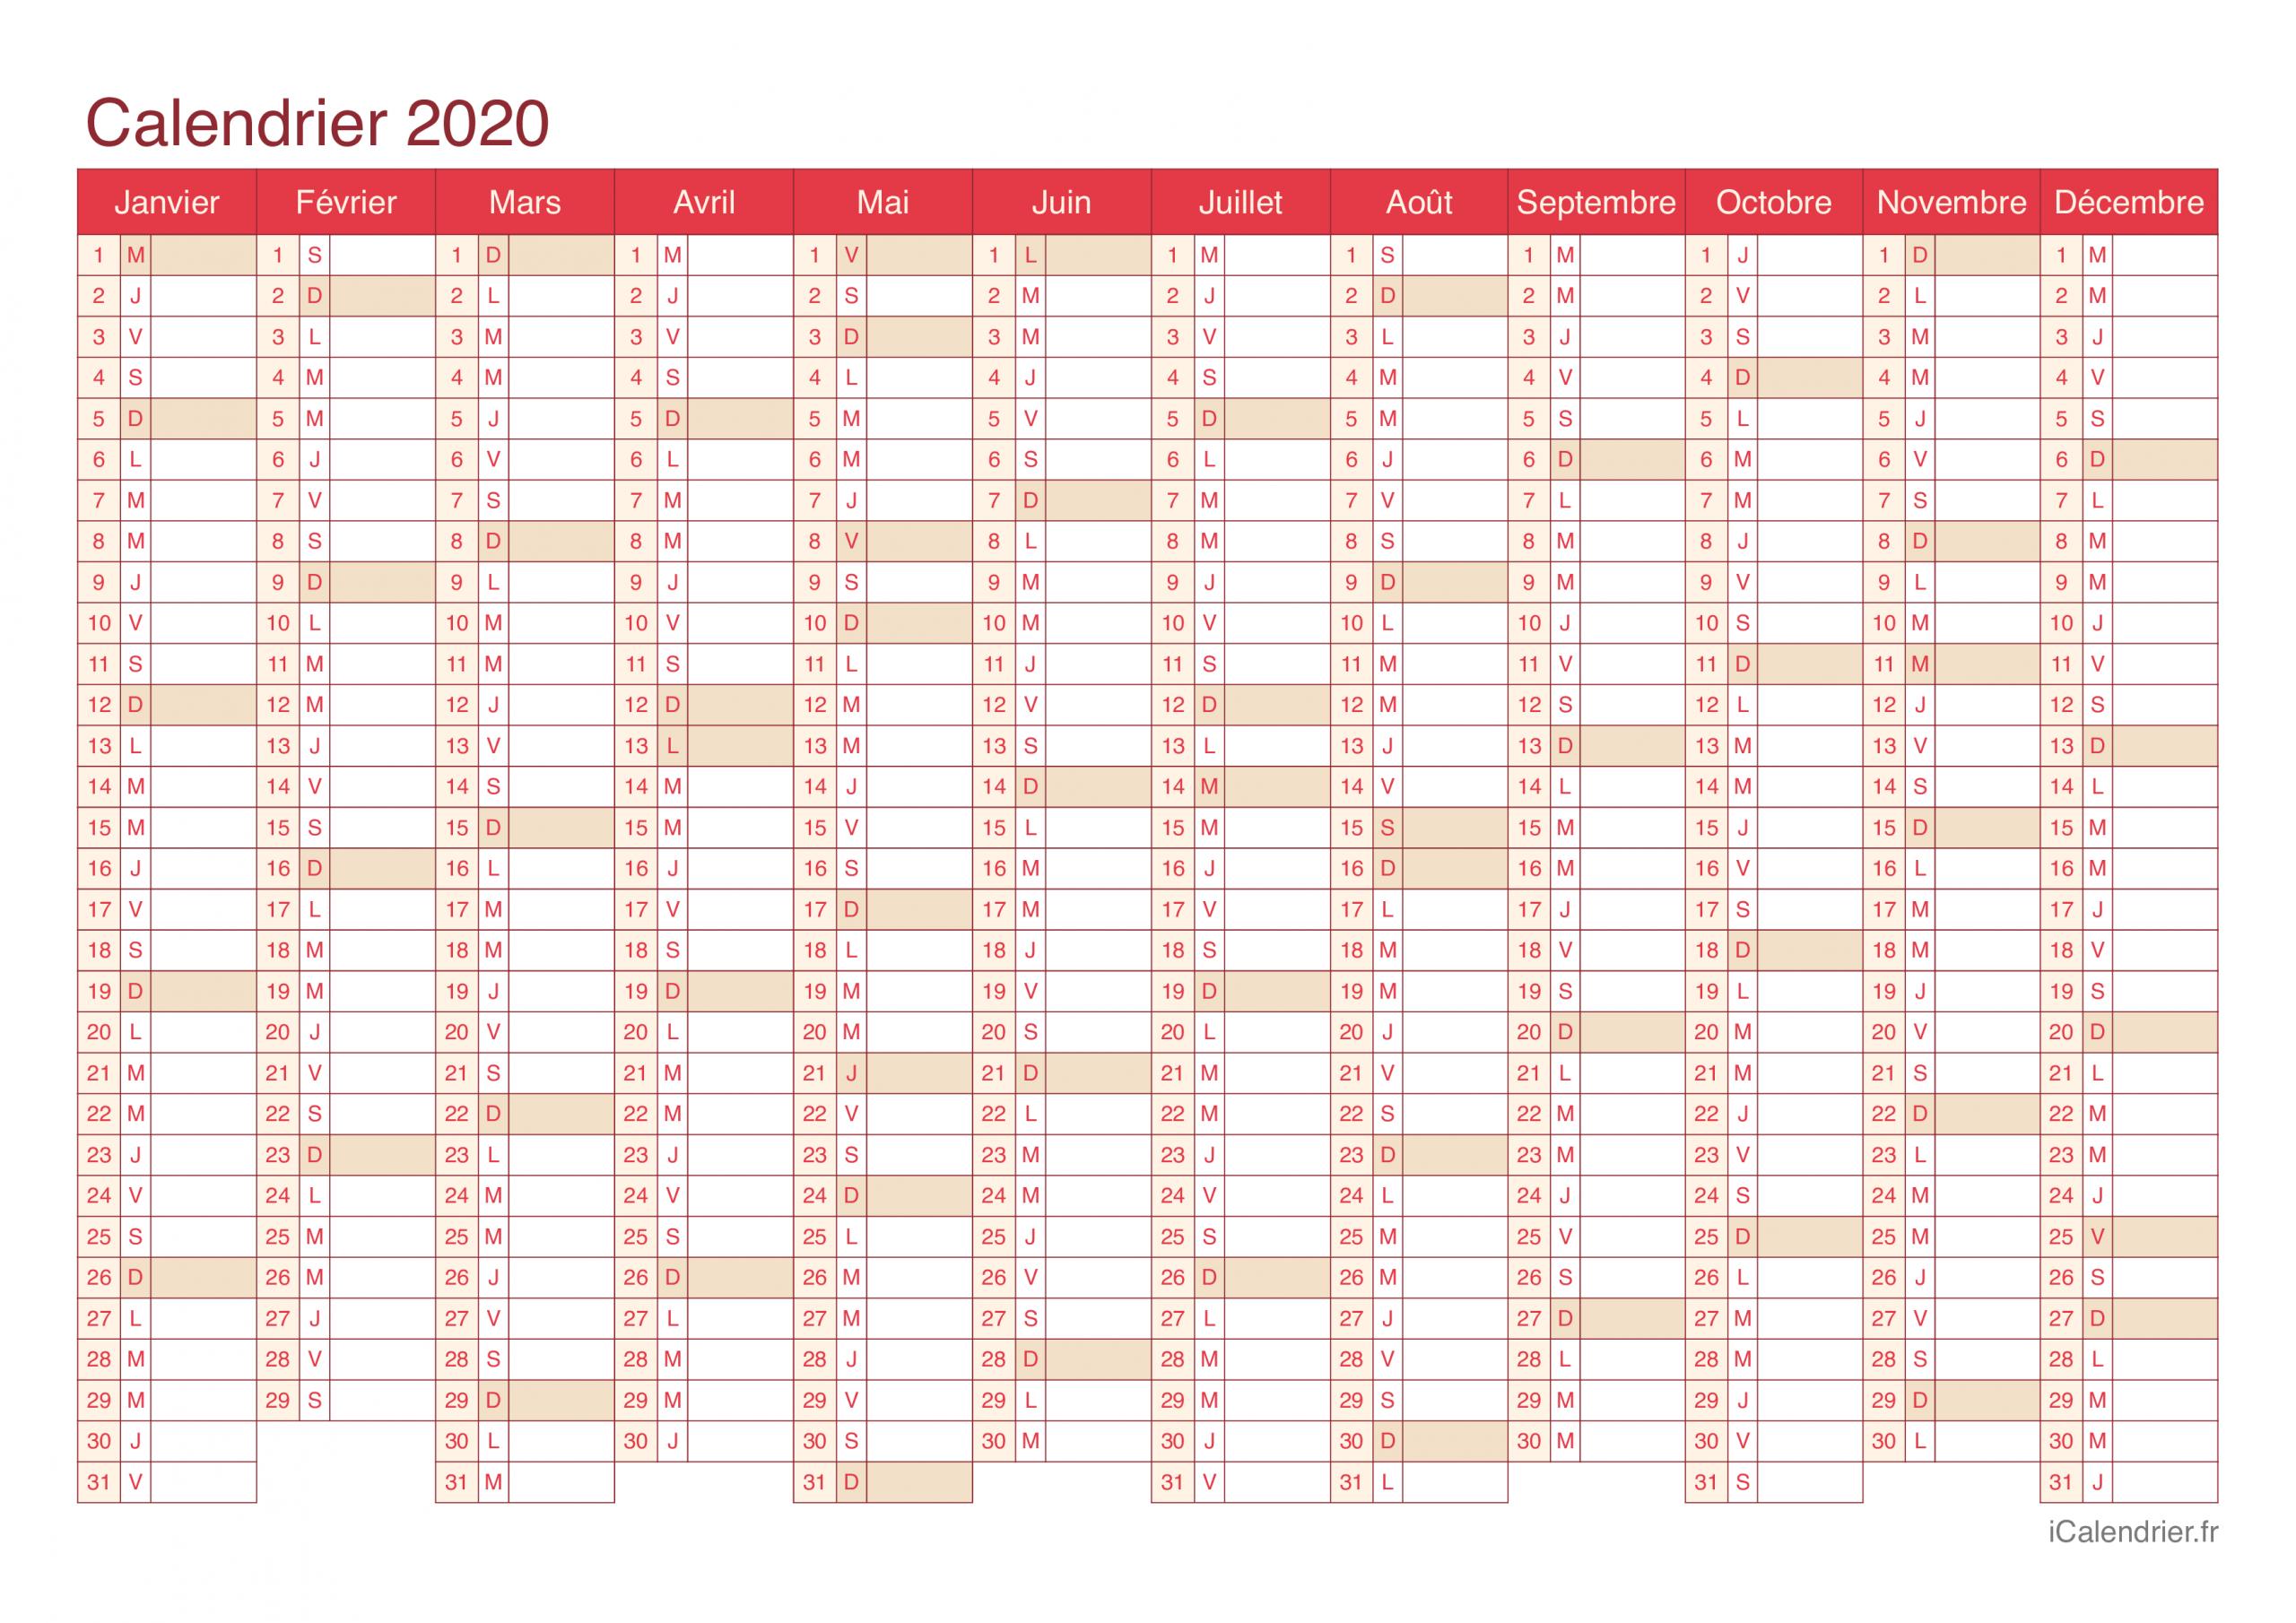 Calendrier 2020 À Imprimer Pdf Et Excel - Icalendrier encequiconcerne Calendrier Annuel 2018 À Imprimer Gratuit